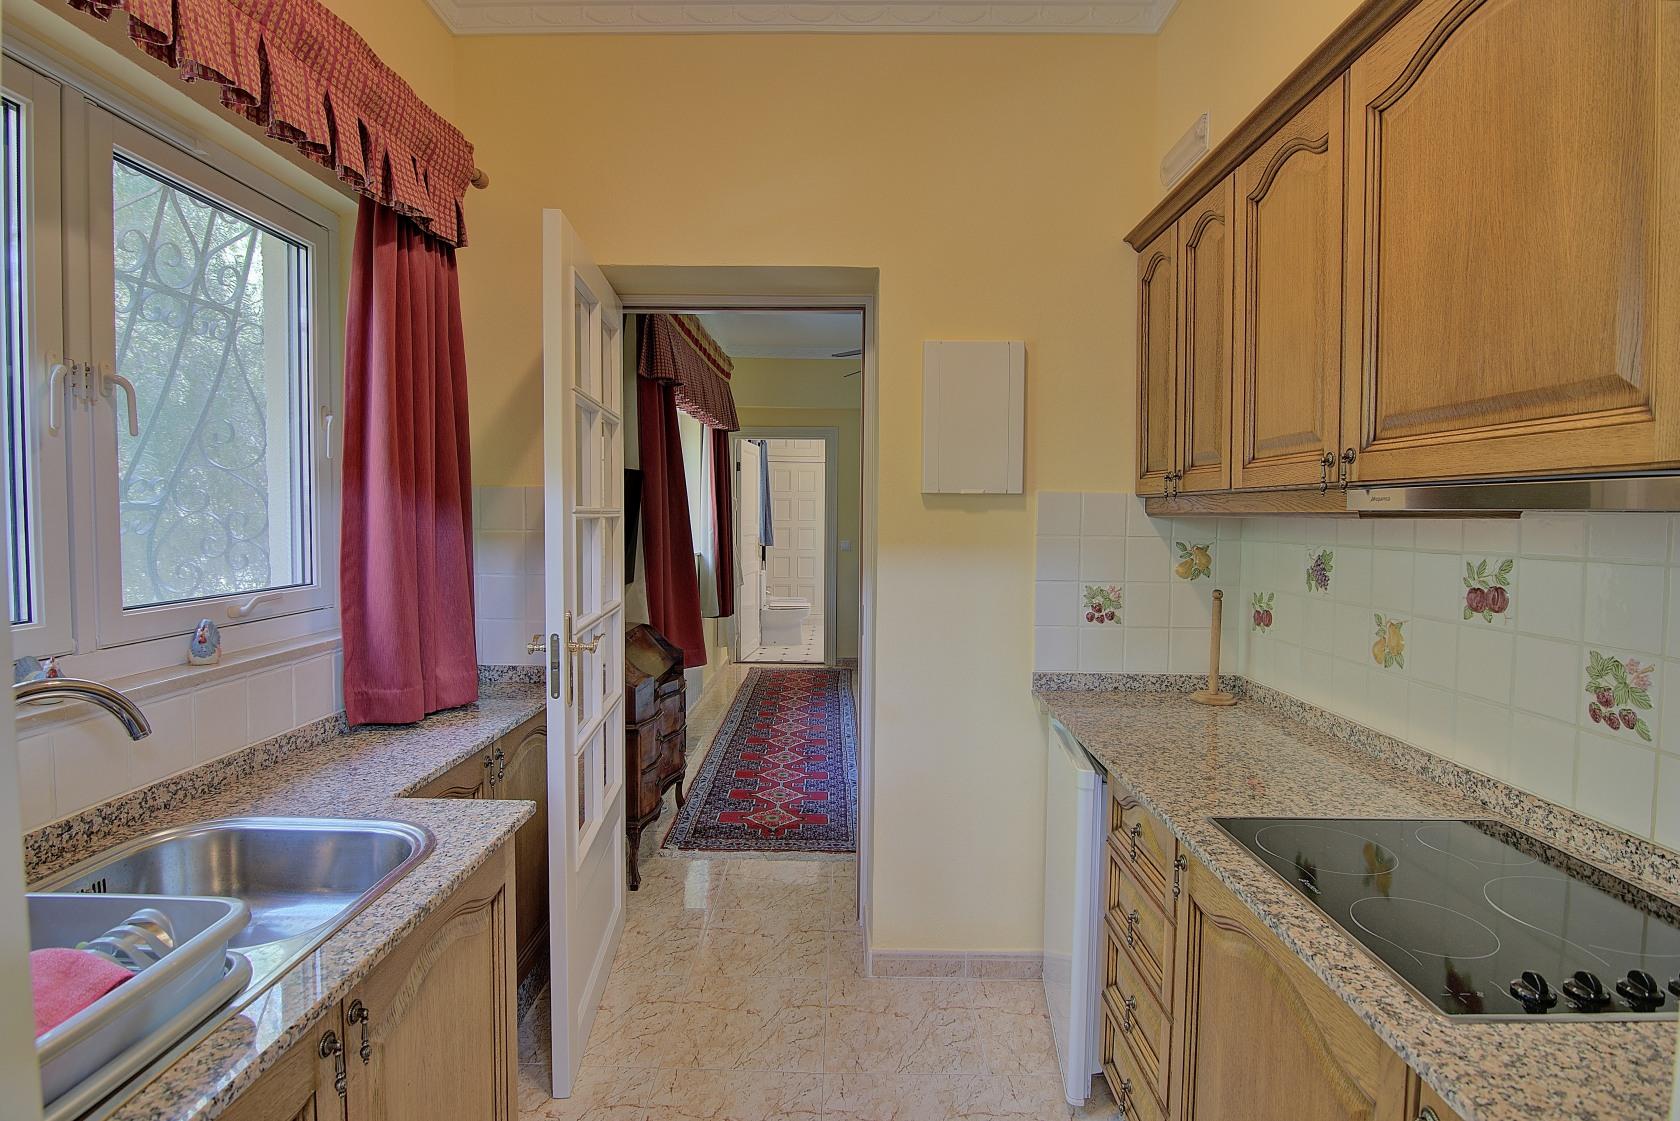 купить дом за криптовалюту в Fujairah Аль-Батае